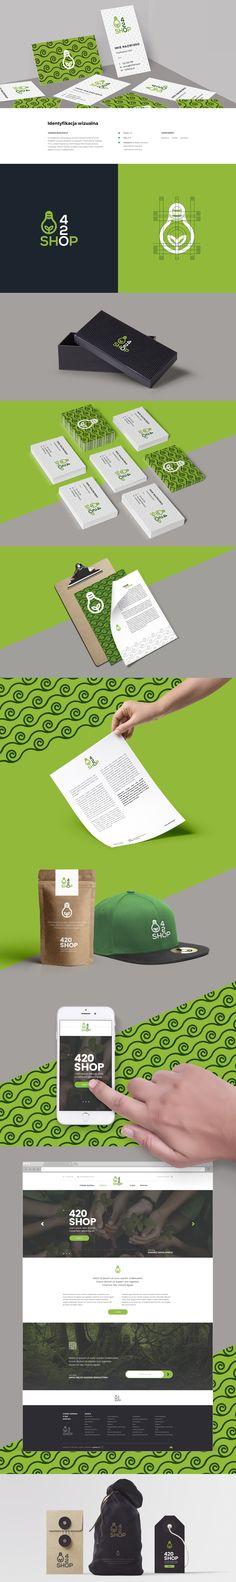 Goodpix identyfikacja wizualna dla firmy 420 shop.